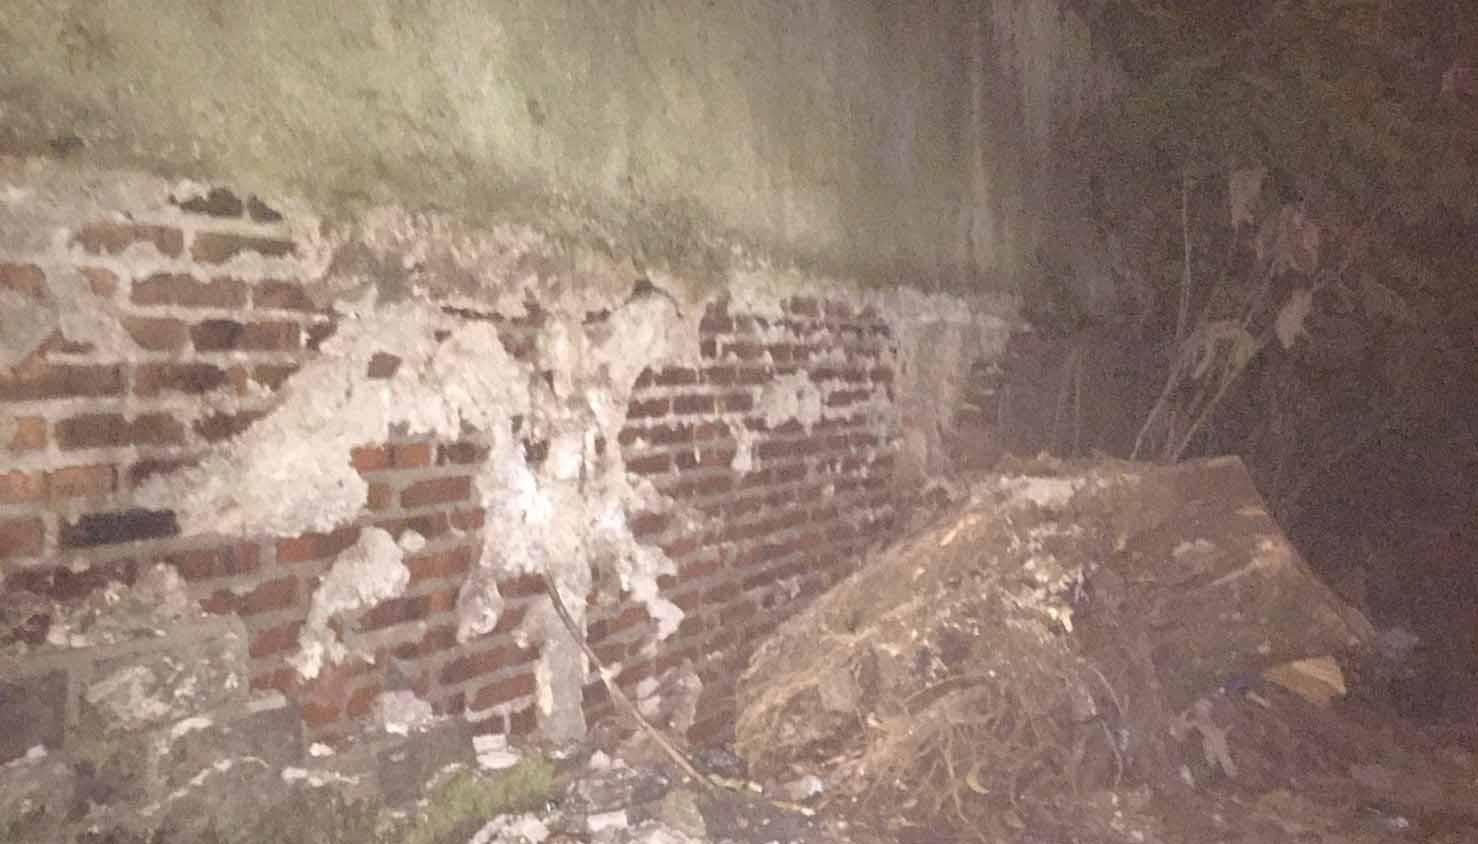 Kerusakan pada tembok dekat stupa akibat rambatan akar pohon. Dok/MP